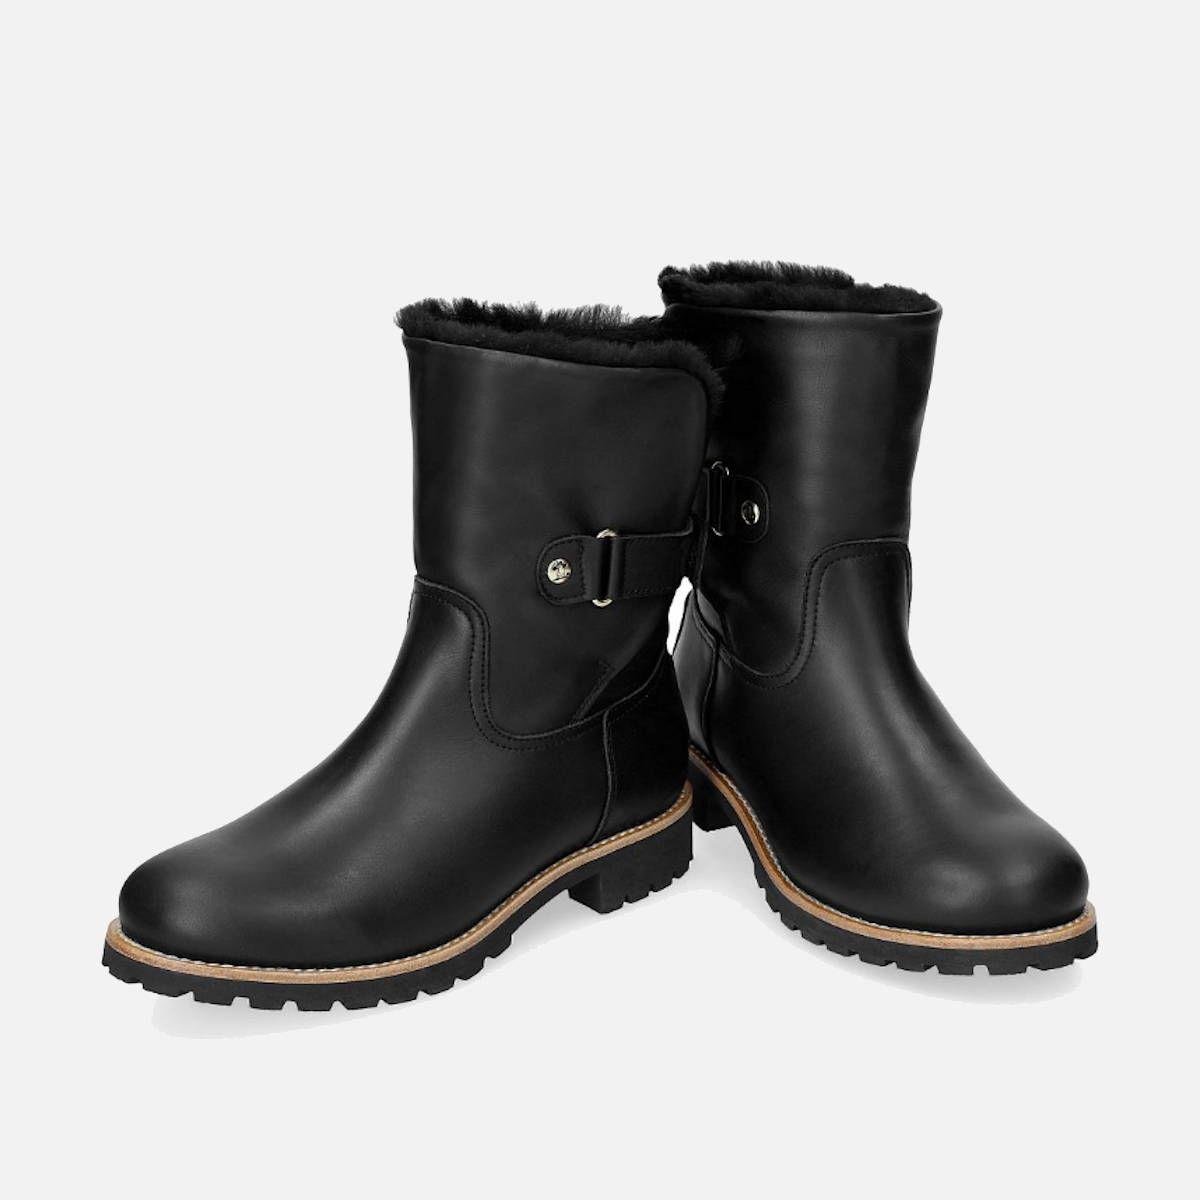 Luxury Black Panama Jack Felia Boots